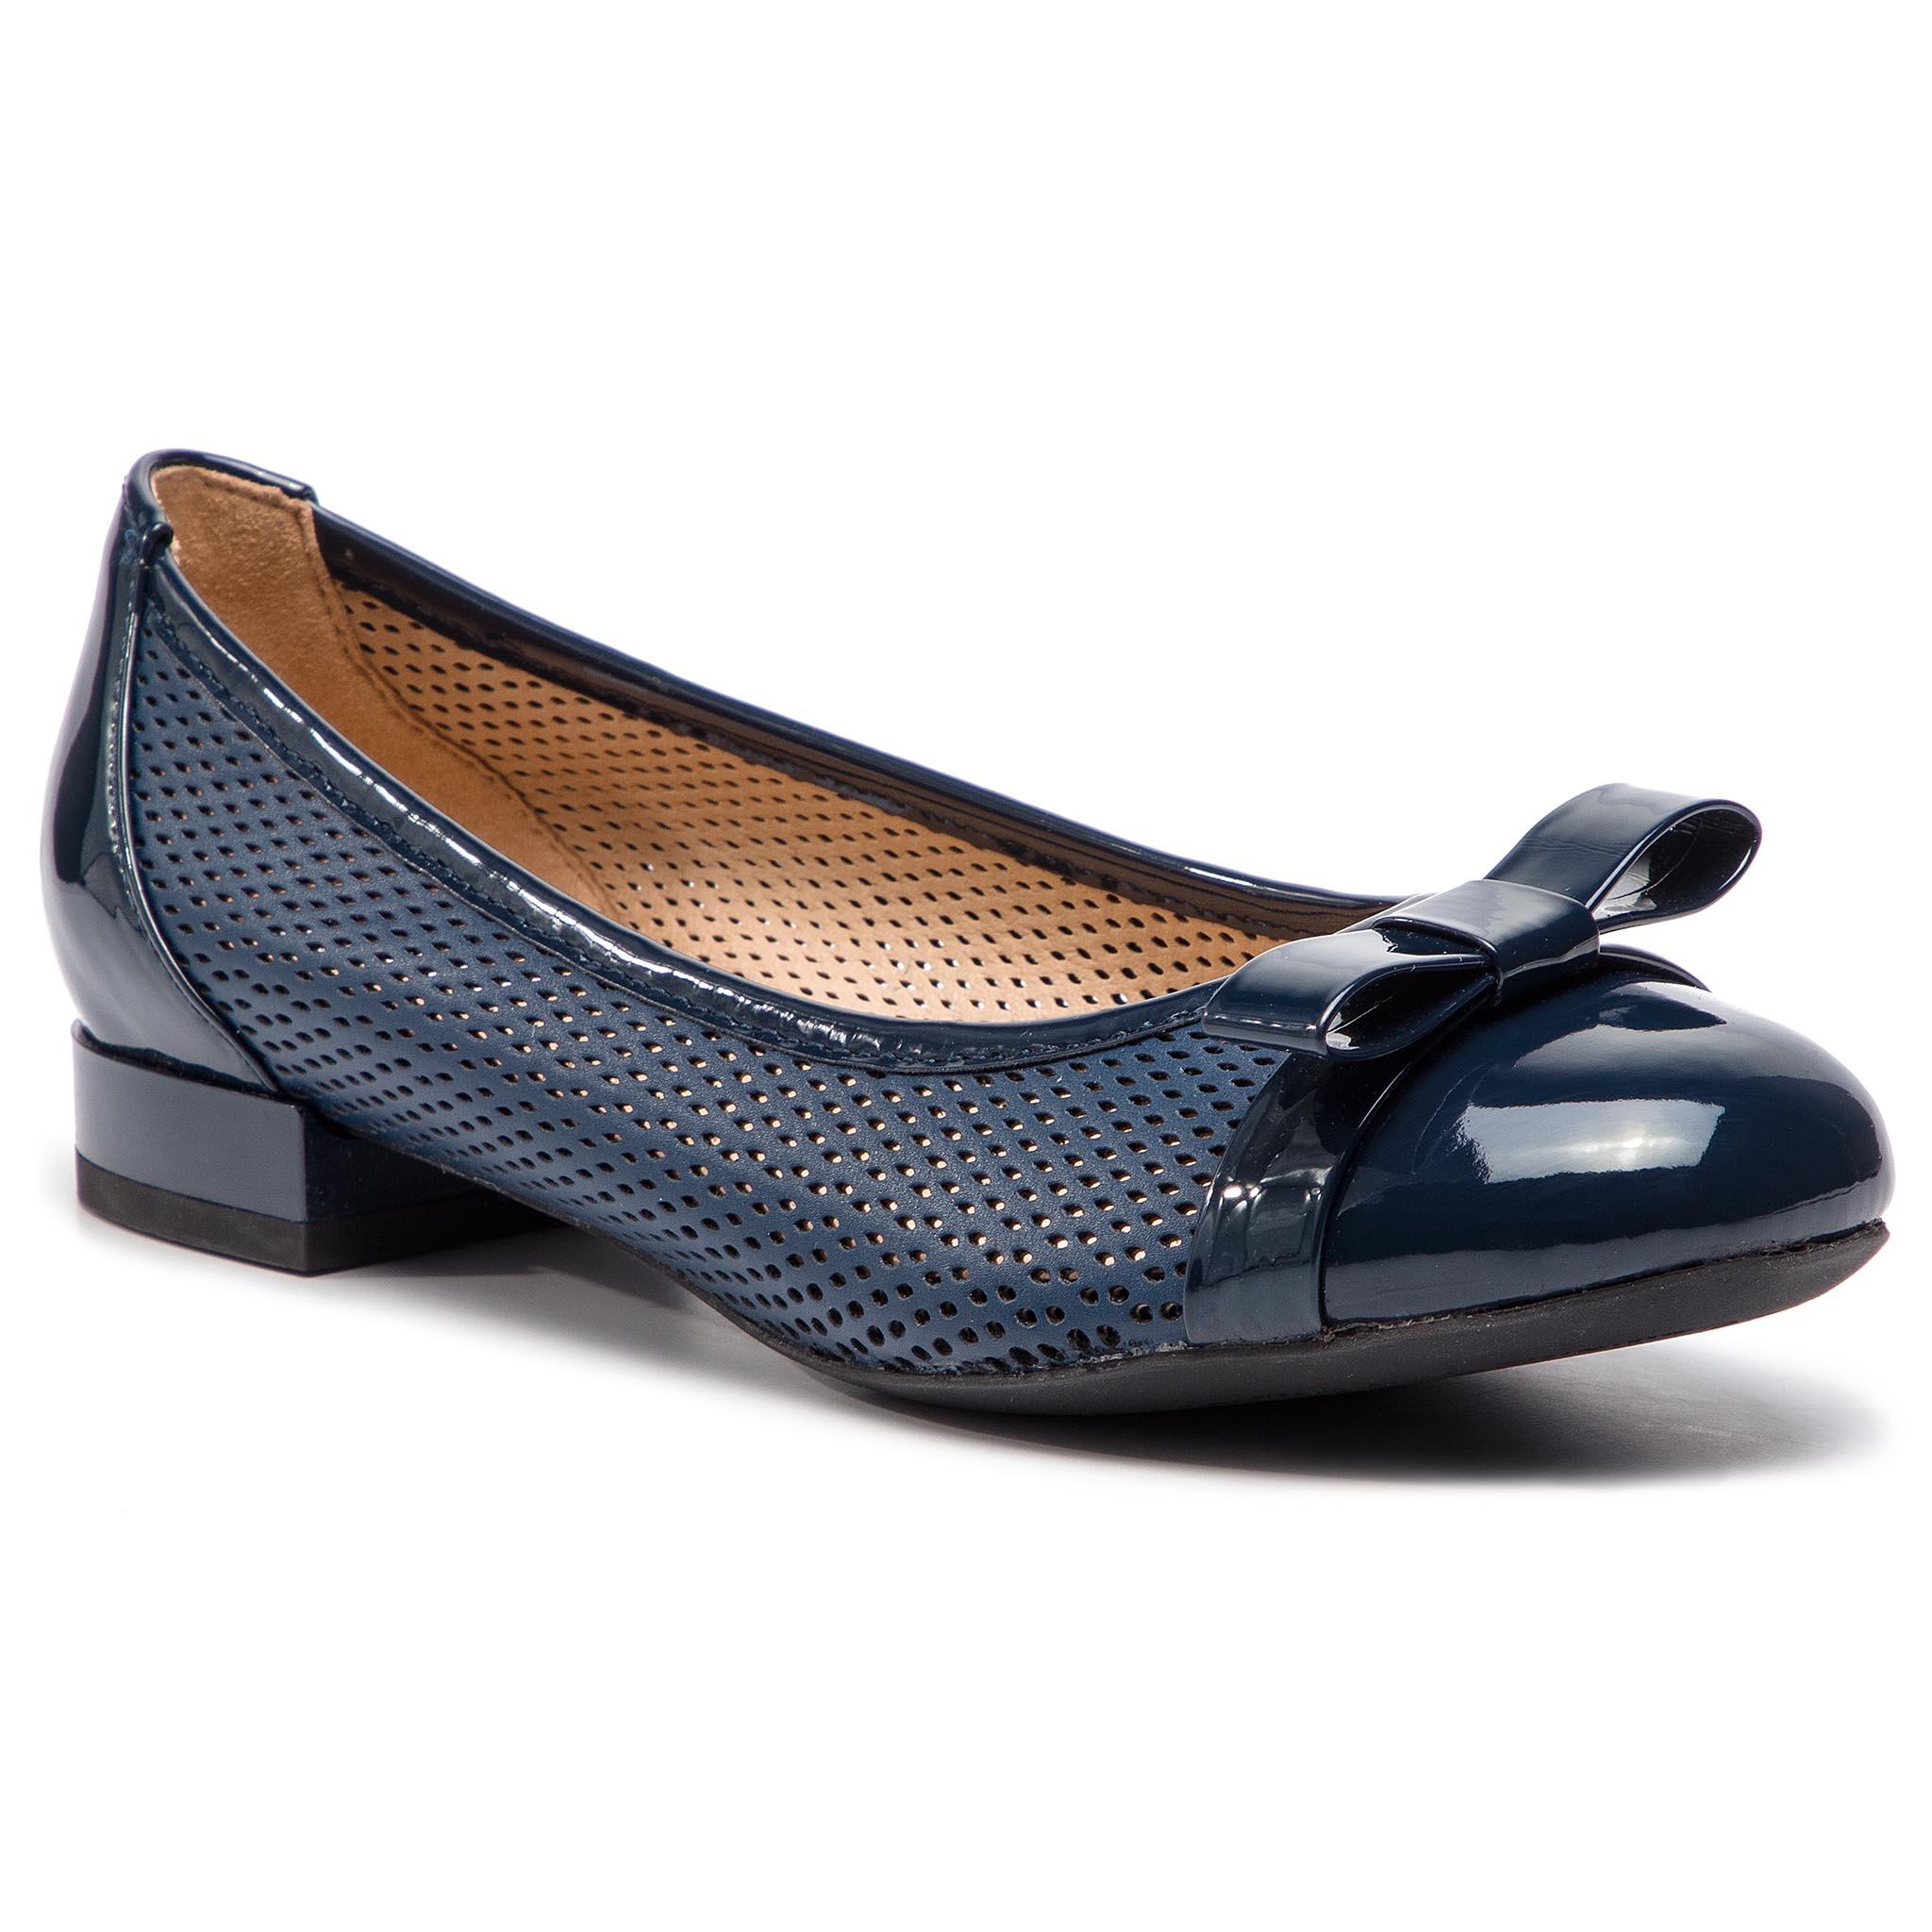 Zapatos GEOX D Wistrey D D924GD 05402 C4002 Navy